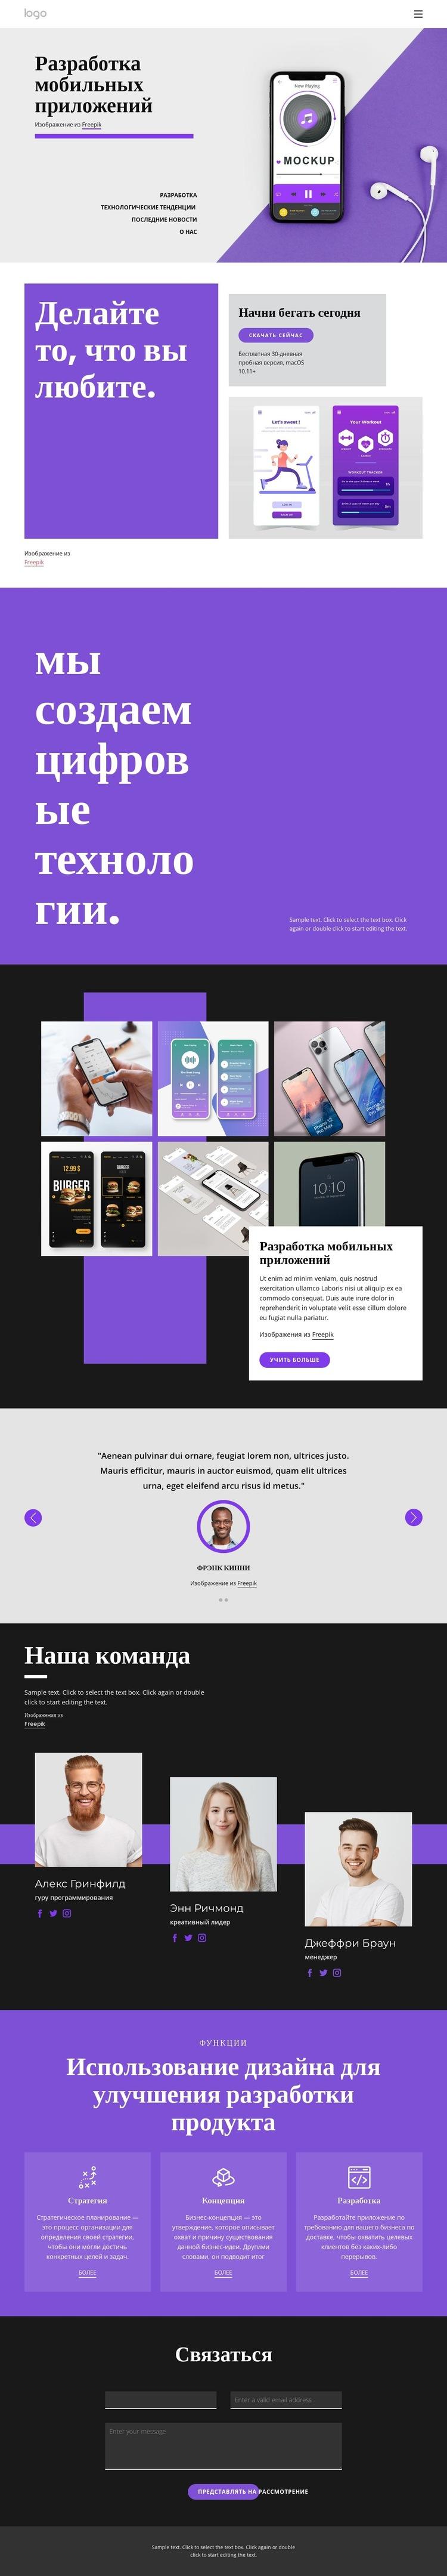 Разработка мобильных приложений Шаблон веб-сайта